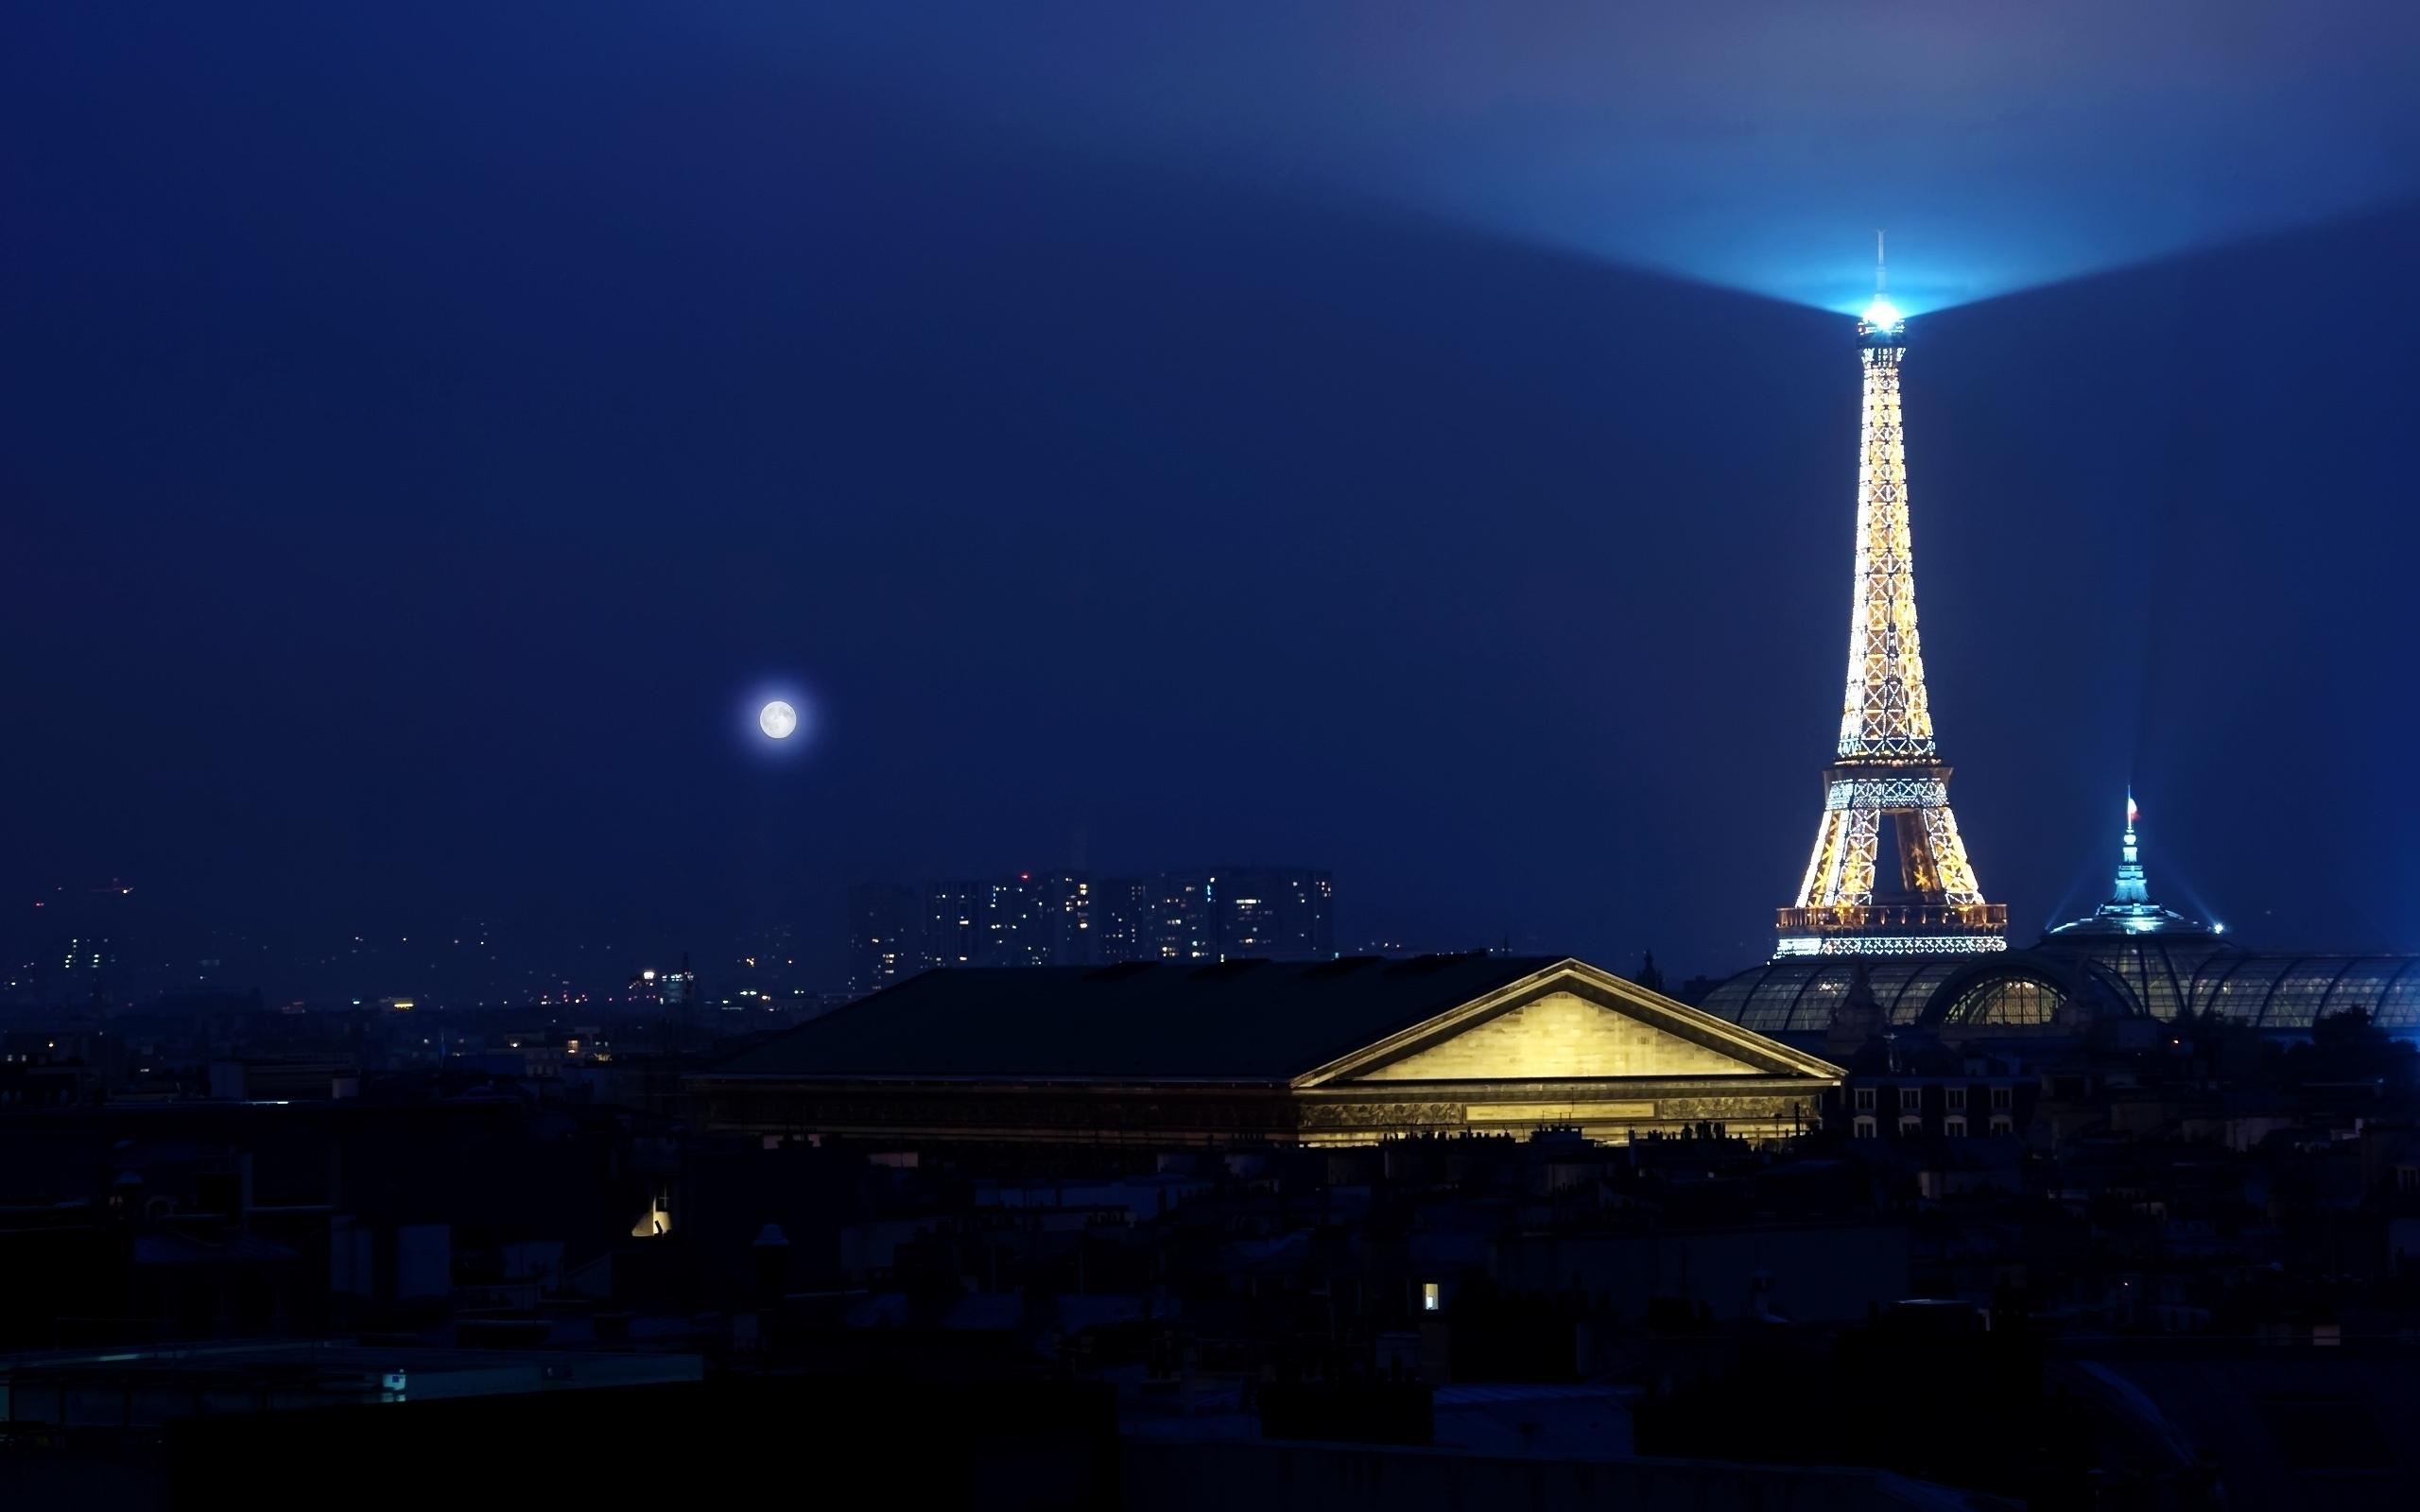 23475 скачать обои Пейзаж, Ночь, Архитектура, Париж, Эйфелева Башня - заставки и картинки бесплатно